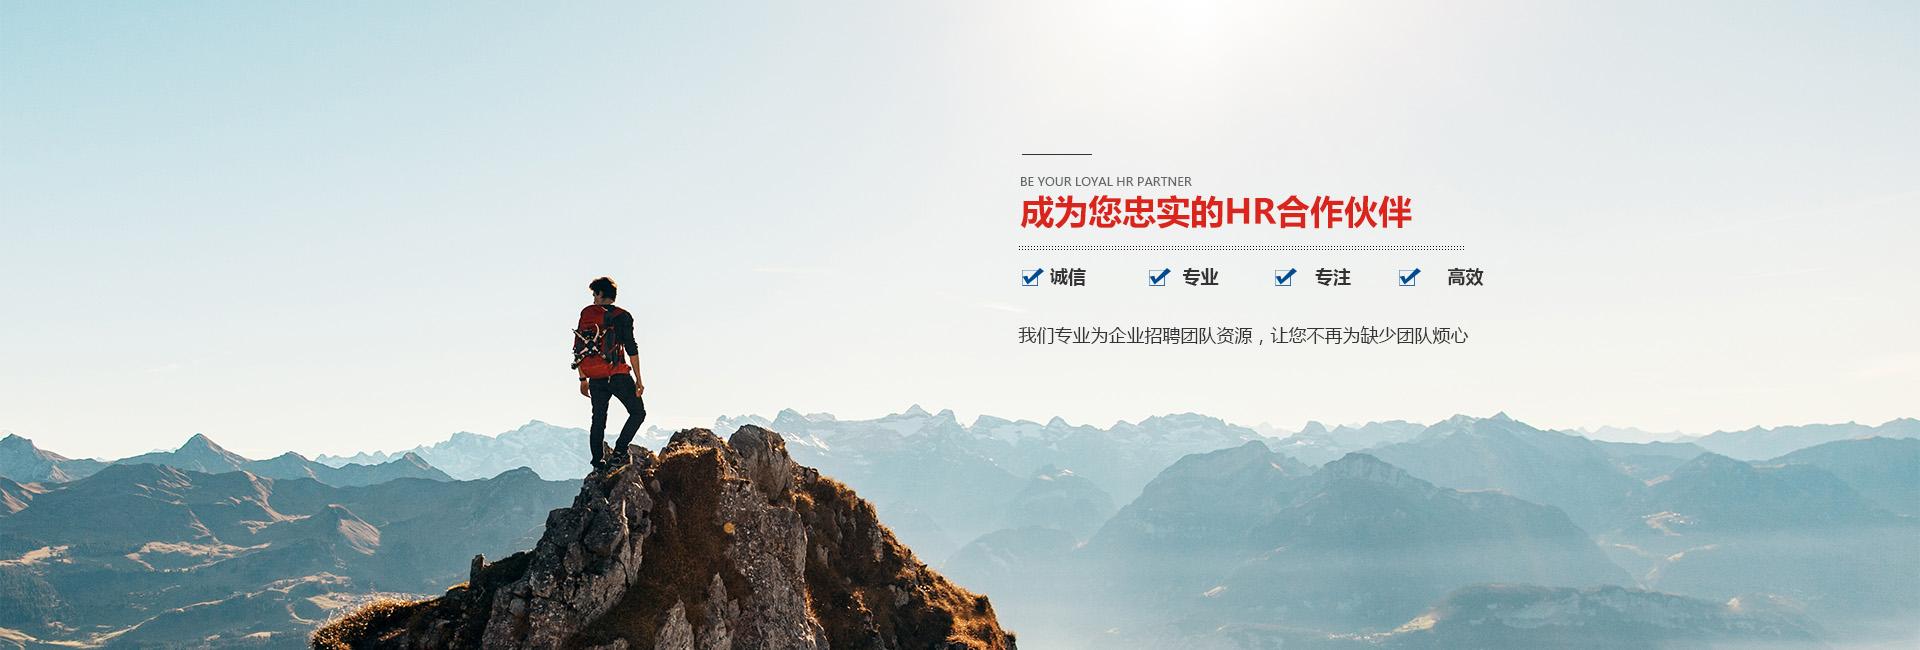 重庆劳务派遣公司